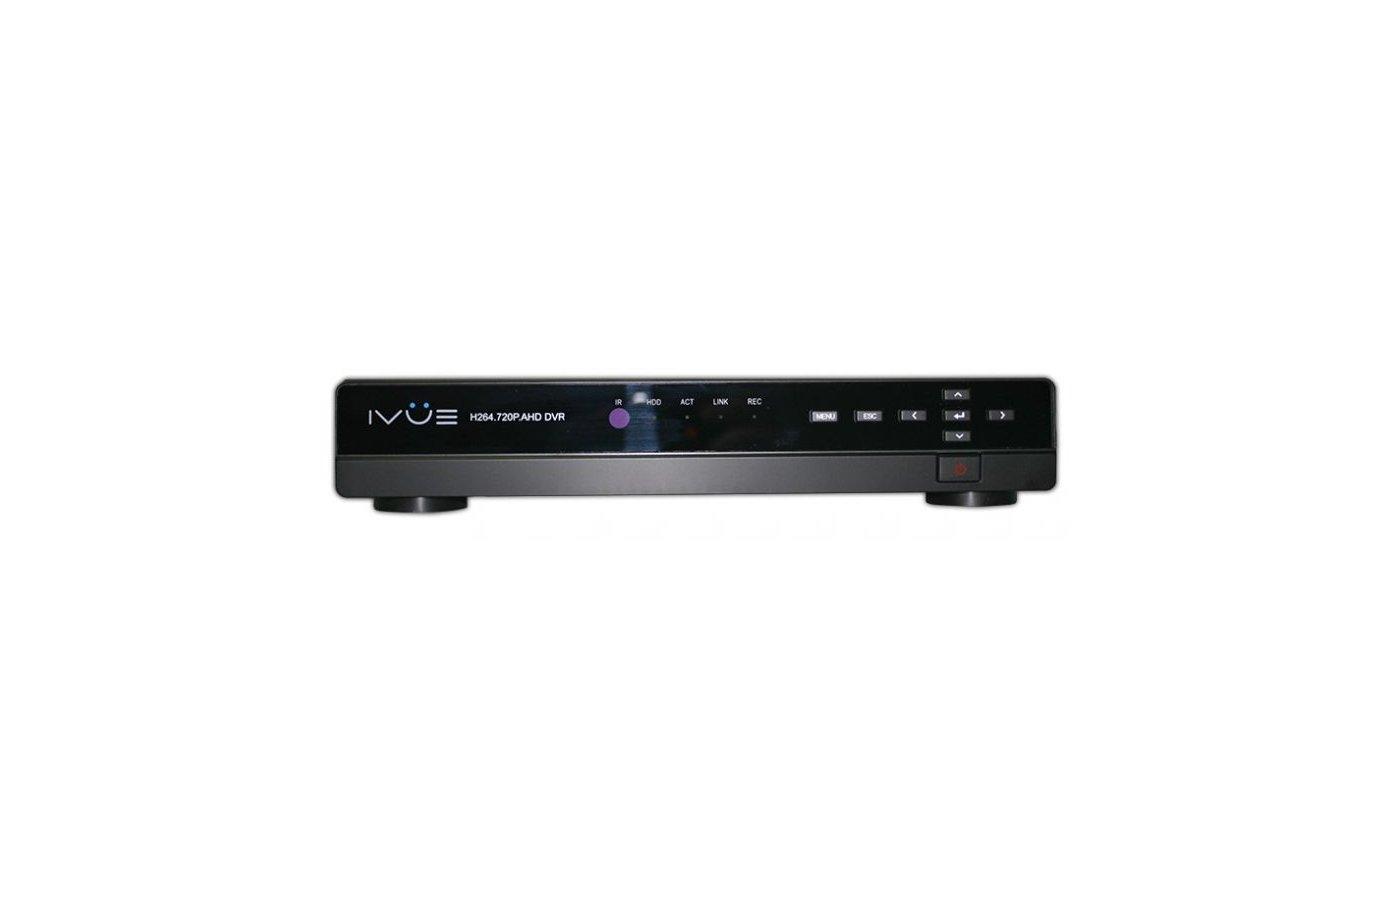 Система видеонаблюдения AVR-8X725-Н1 8-канальный мультигибридный видеорегистратор